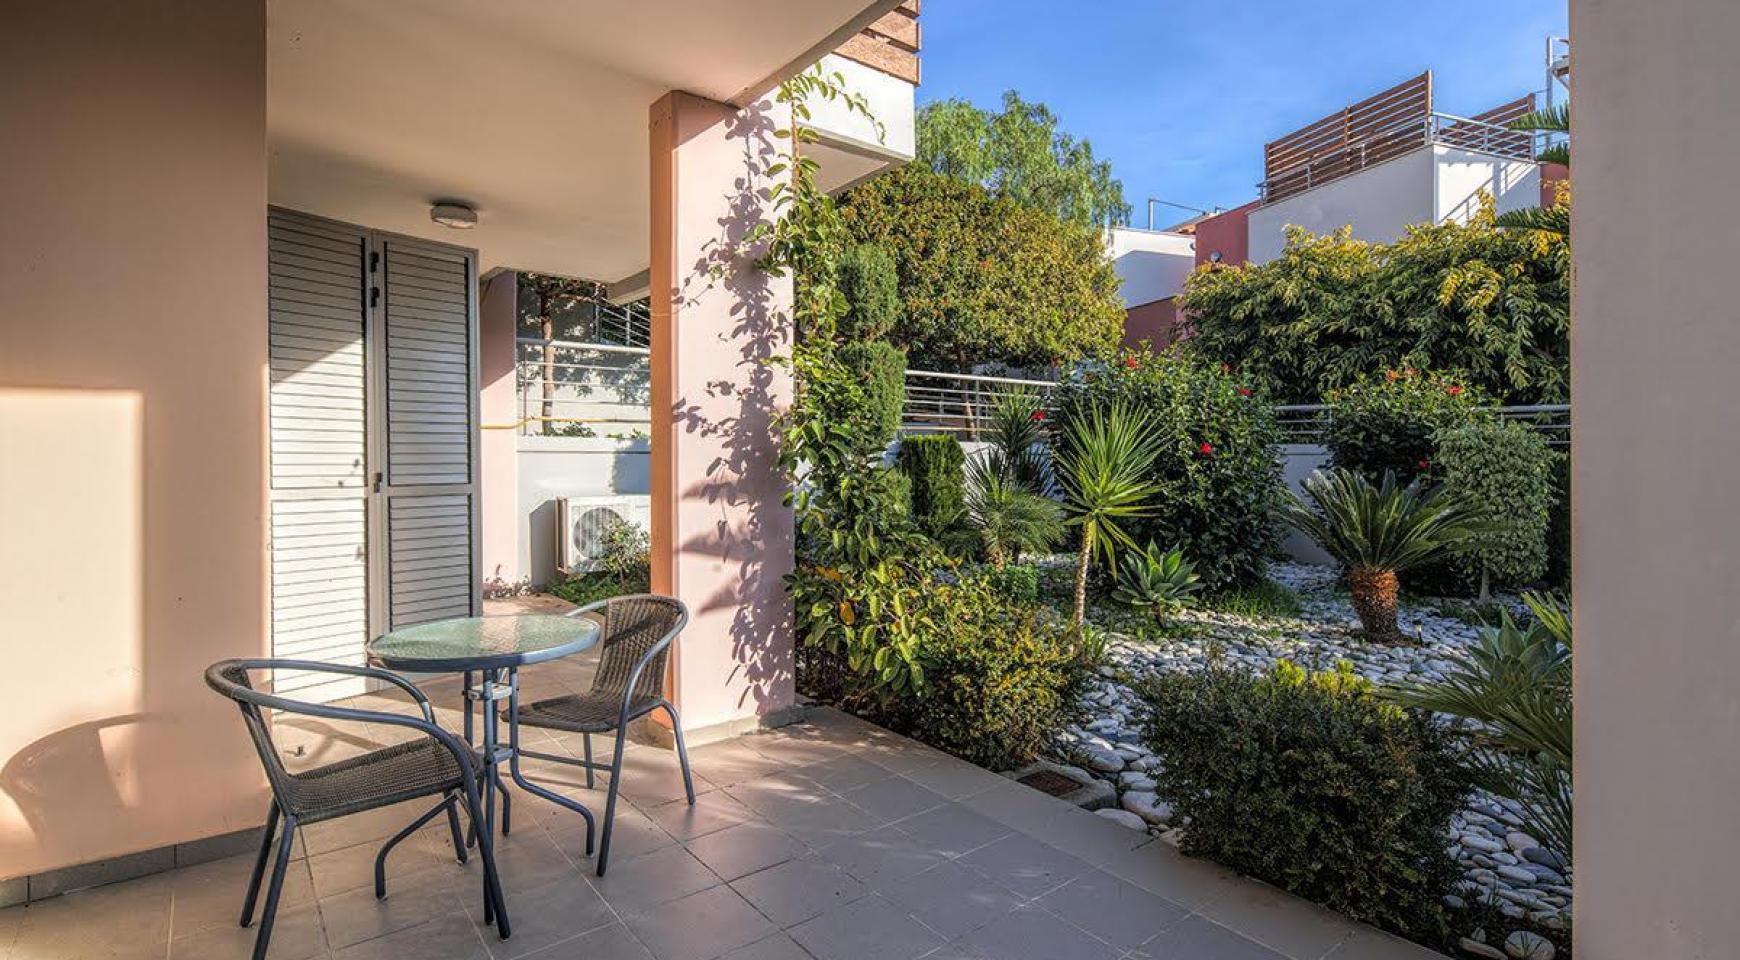 2 Bedroom Duplex Apartment in a Prestigious Complex near the Sea - 14